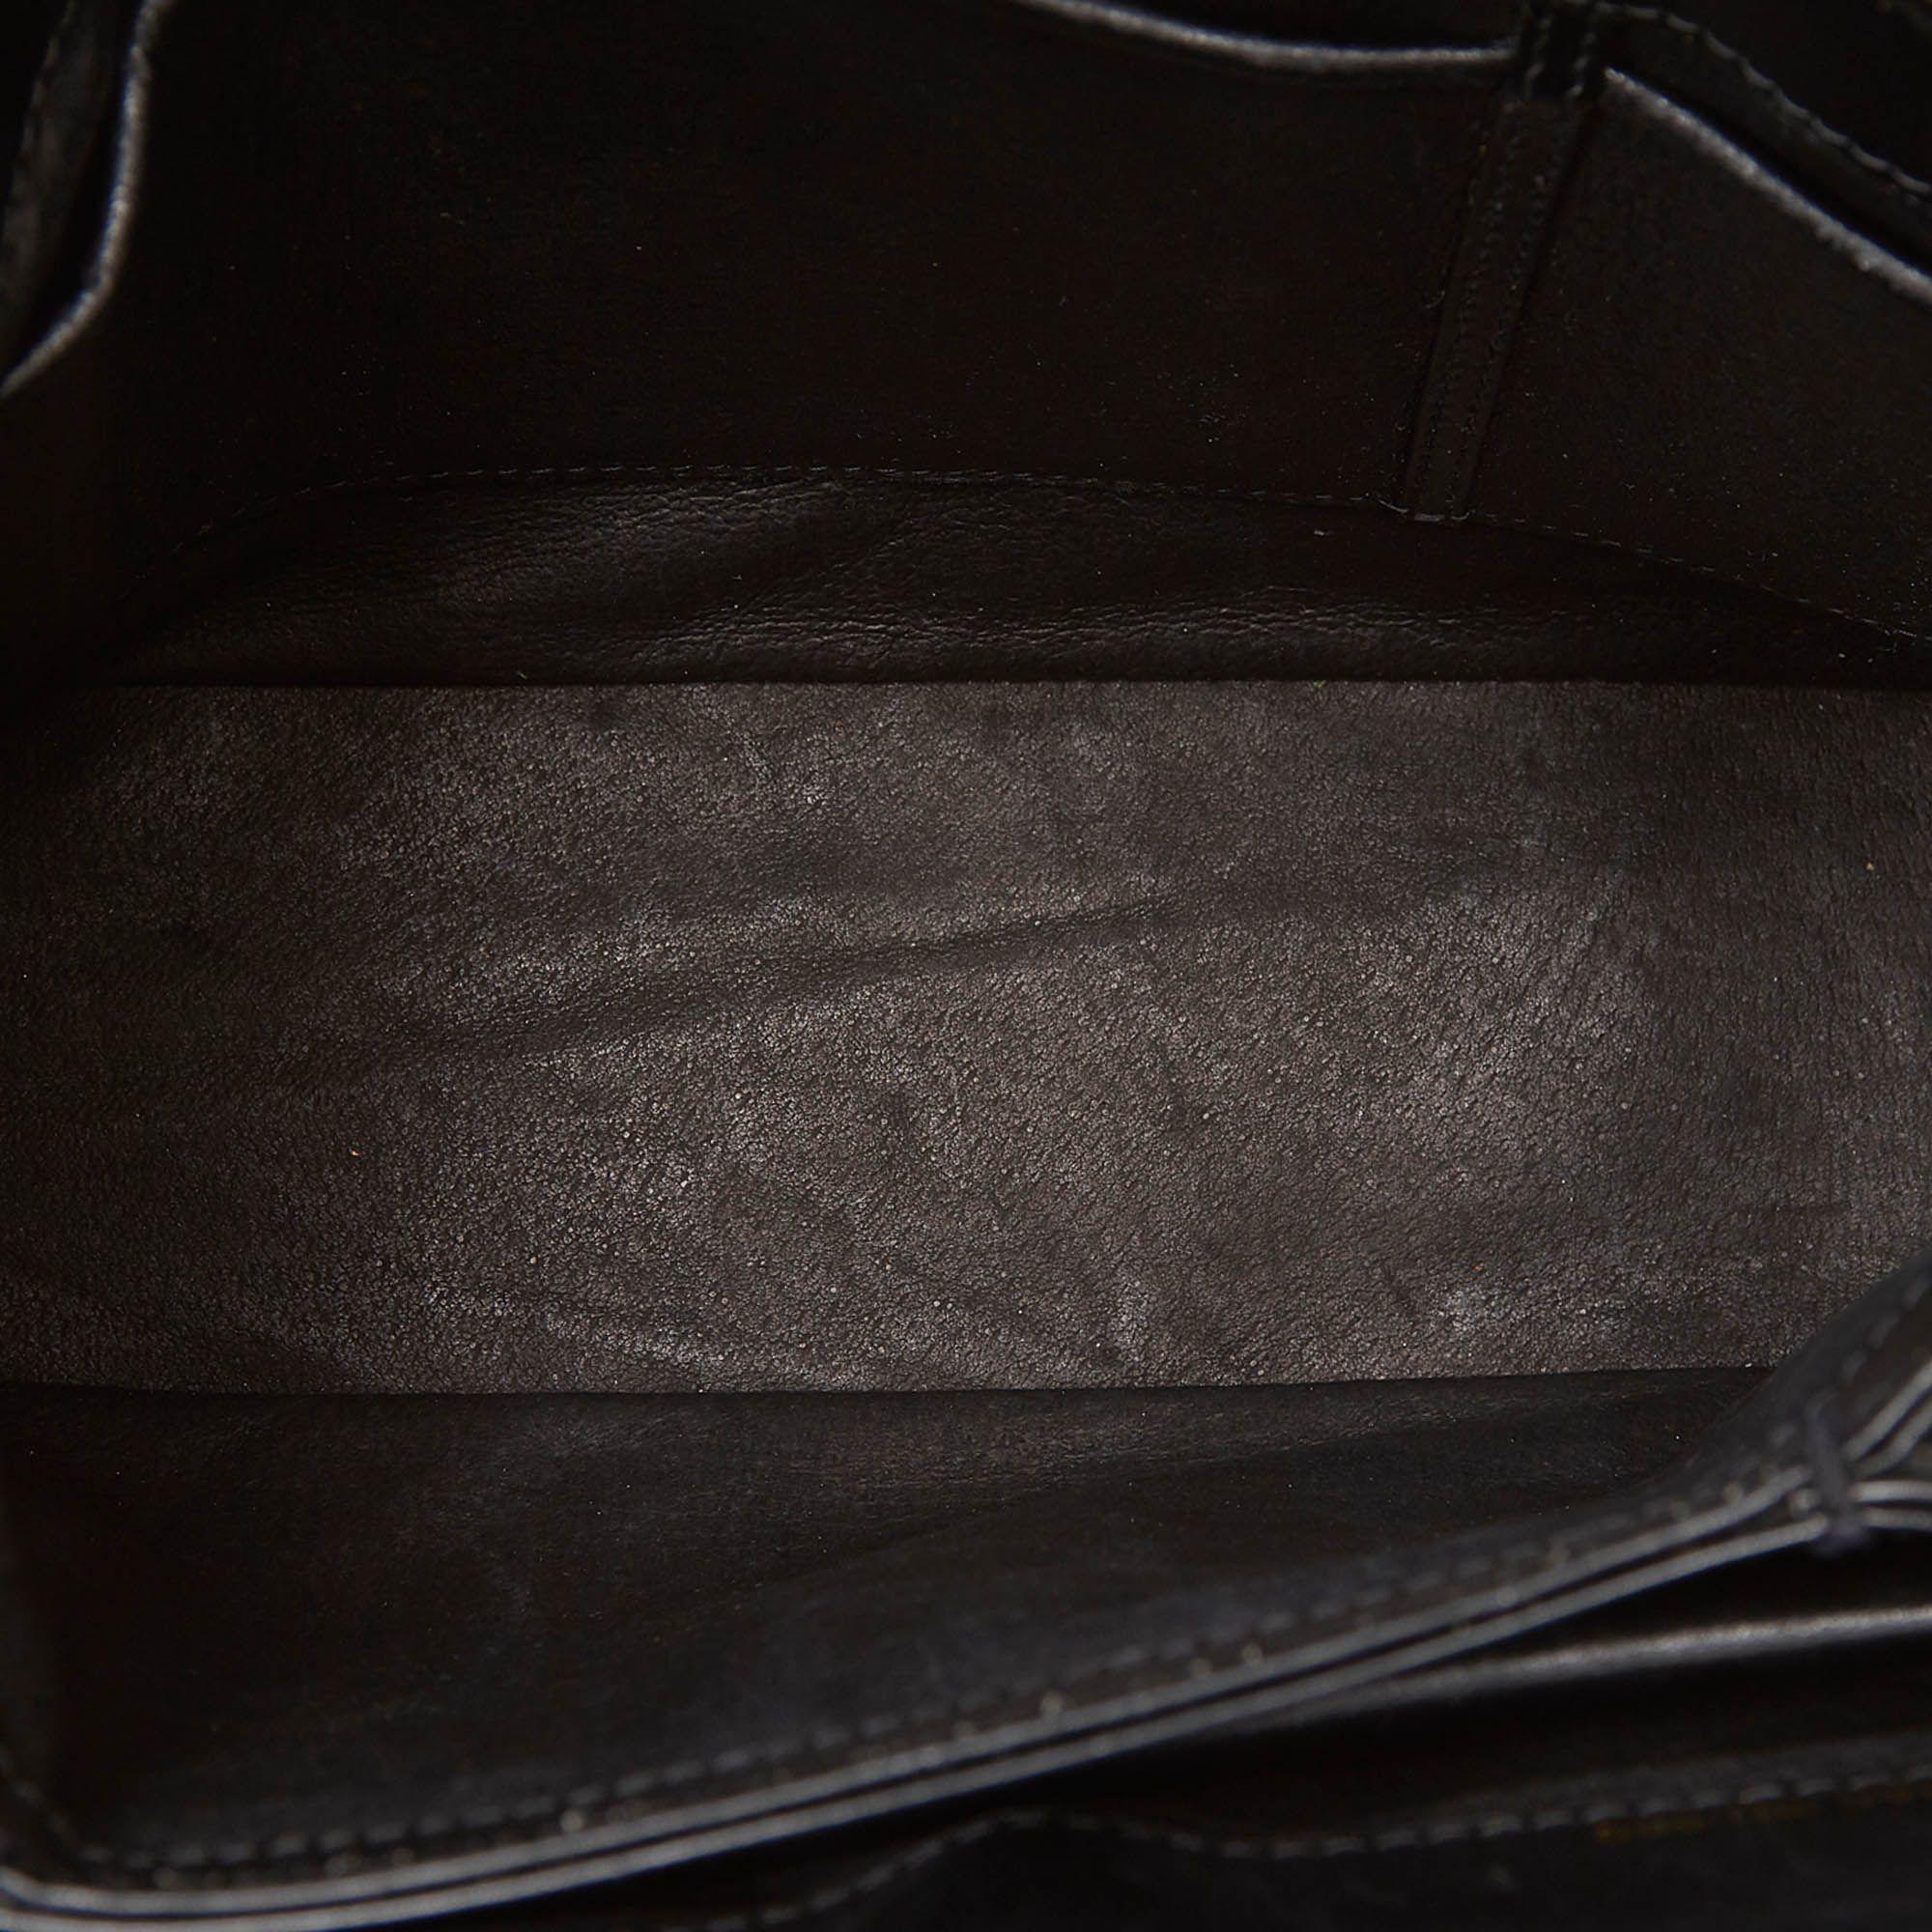 Vintage Gucci Old Gucci Leather Handbag Black